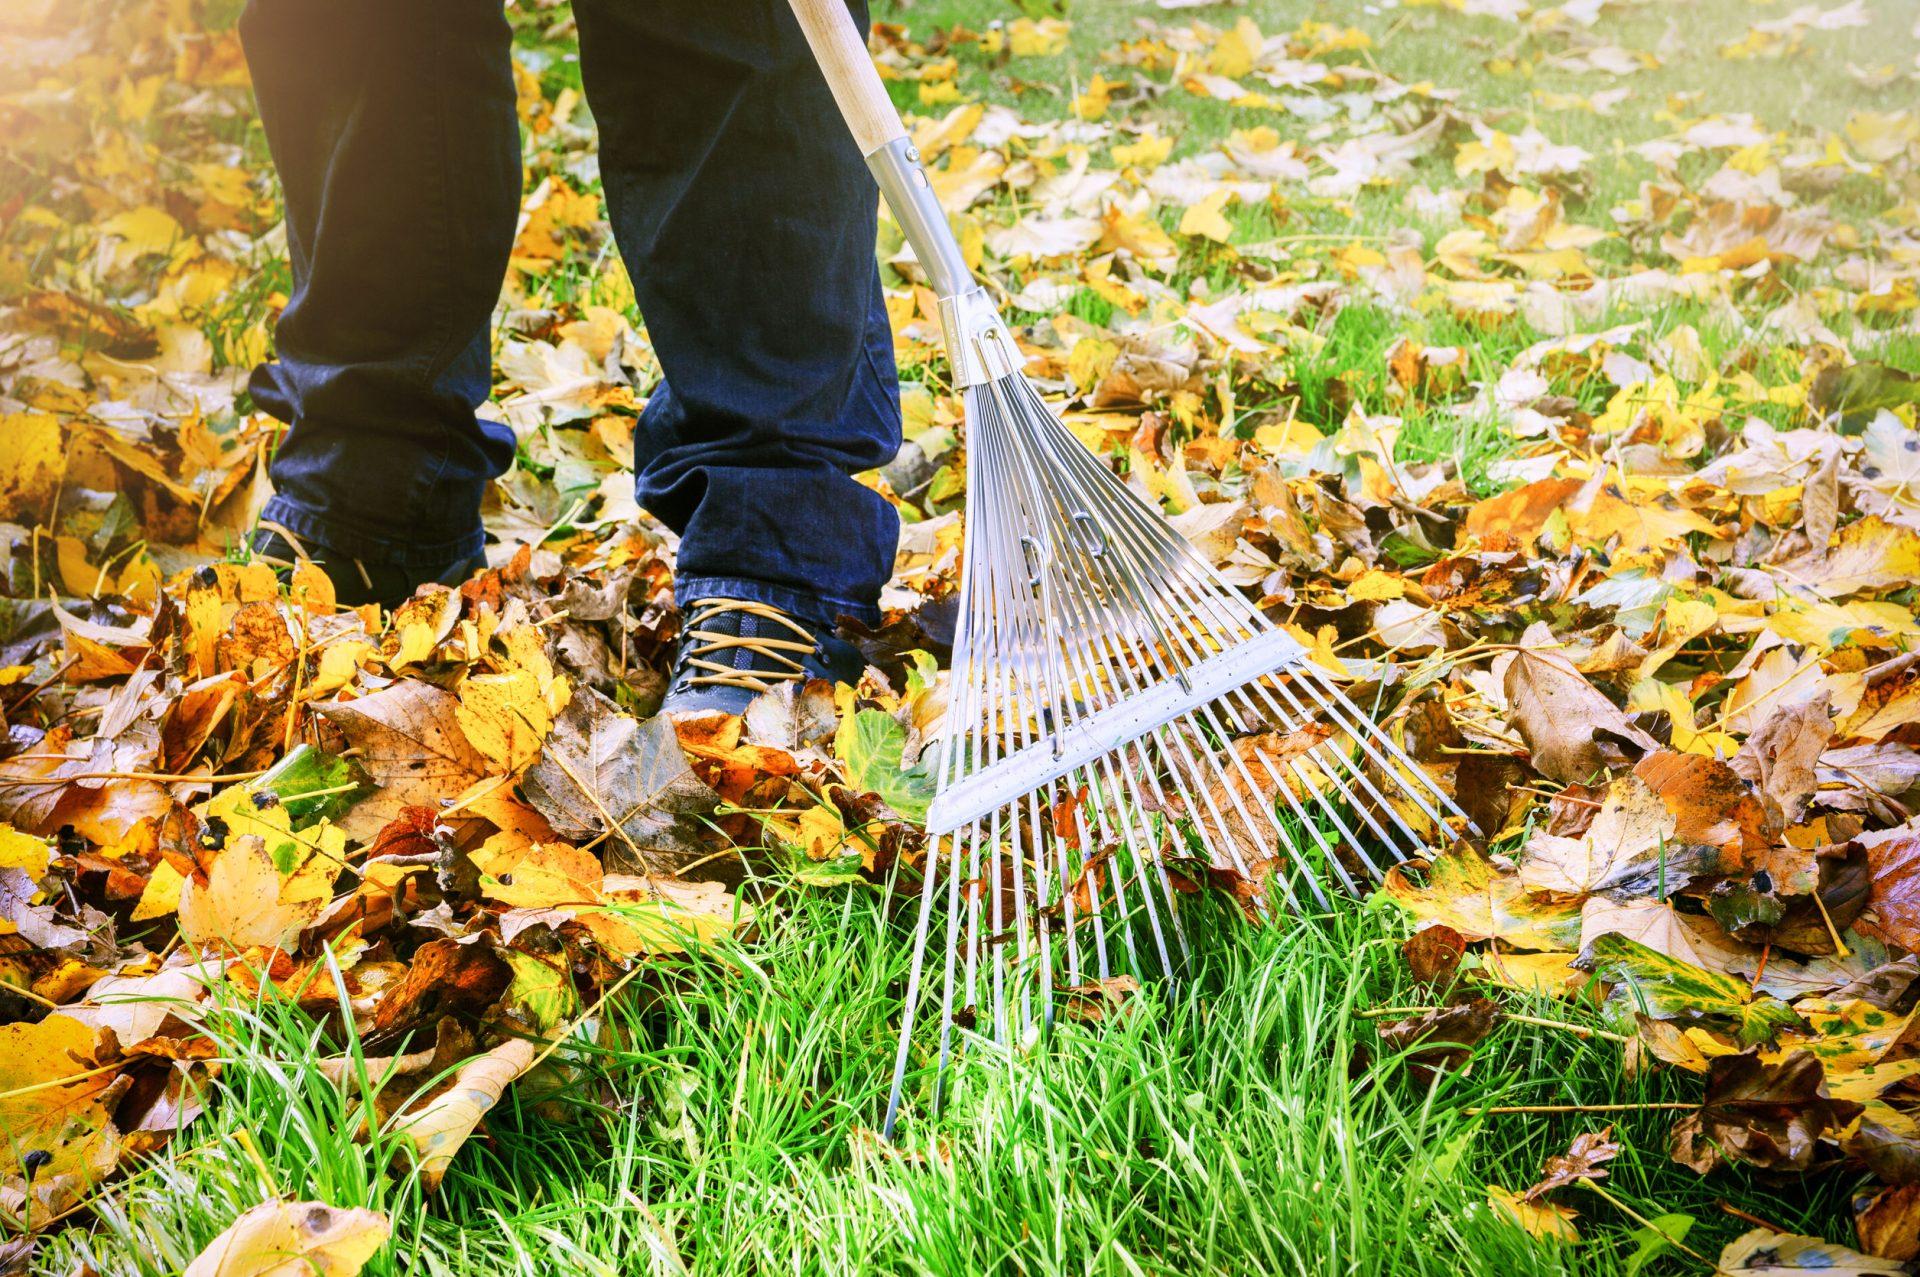 Laat uw tuin verzorgen door onze tuiniers. Huur een student!